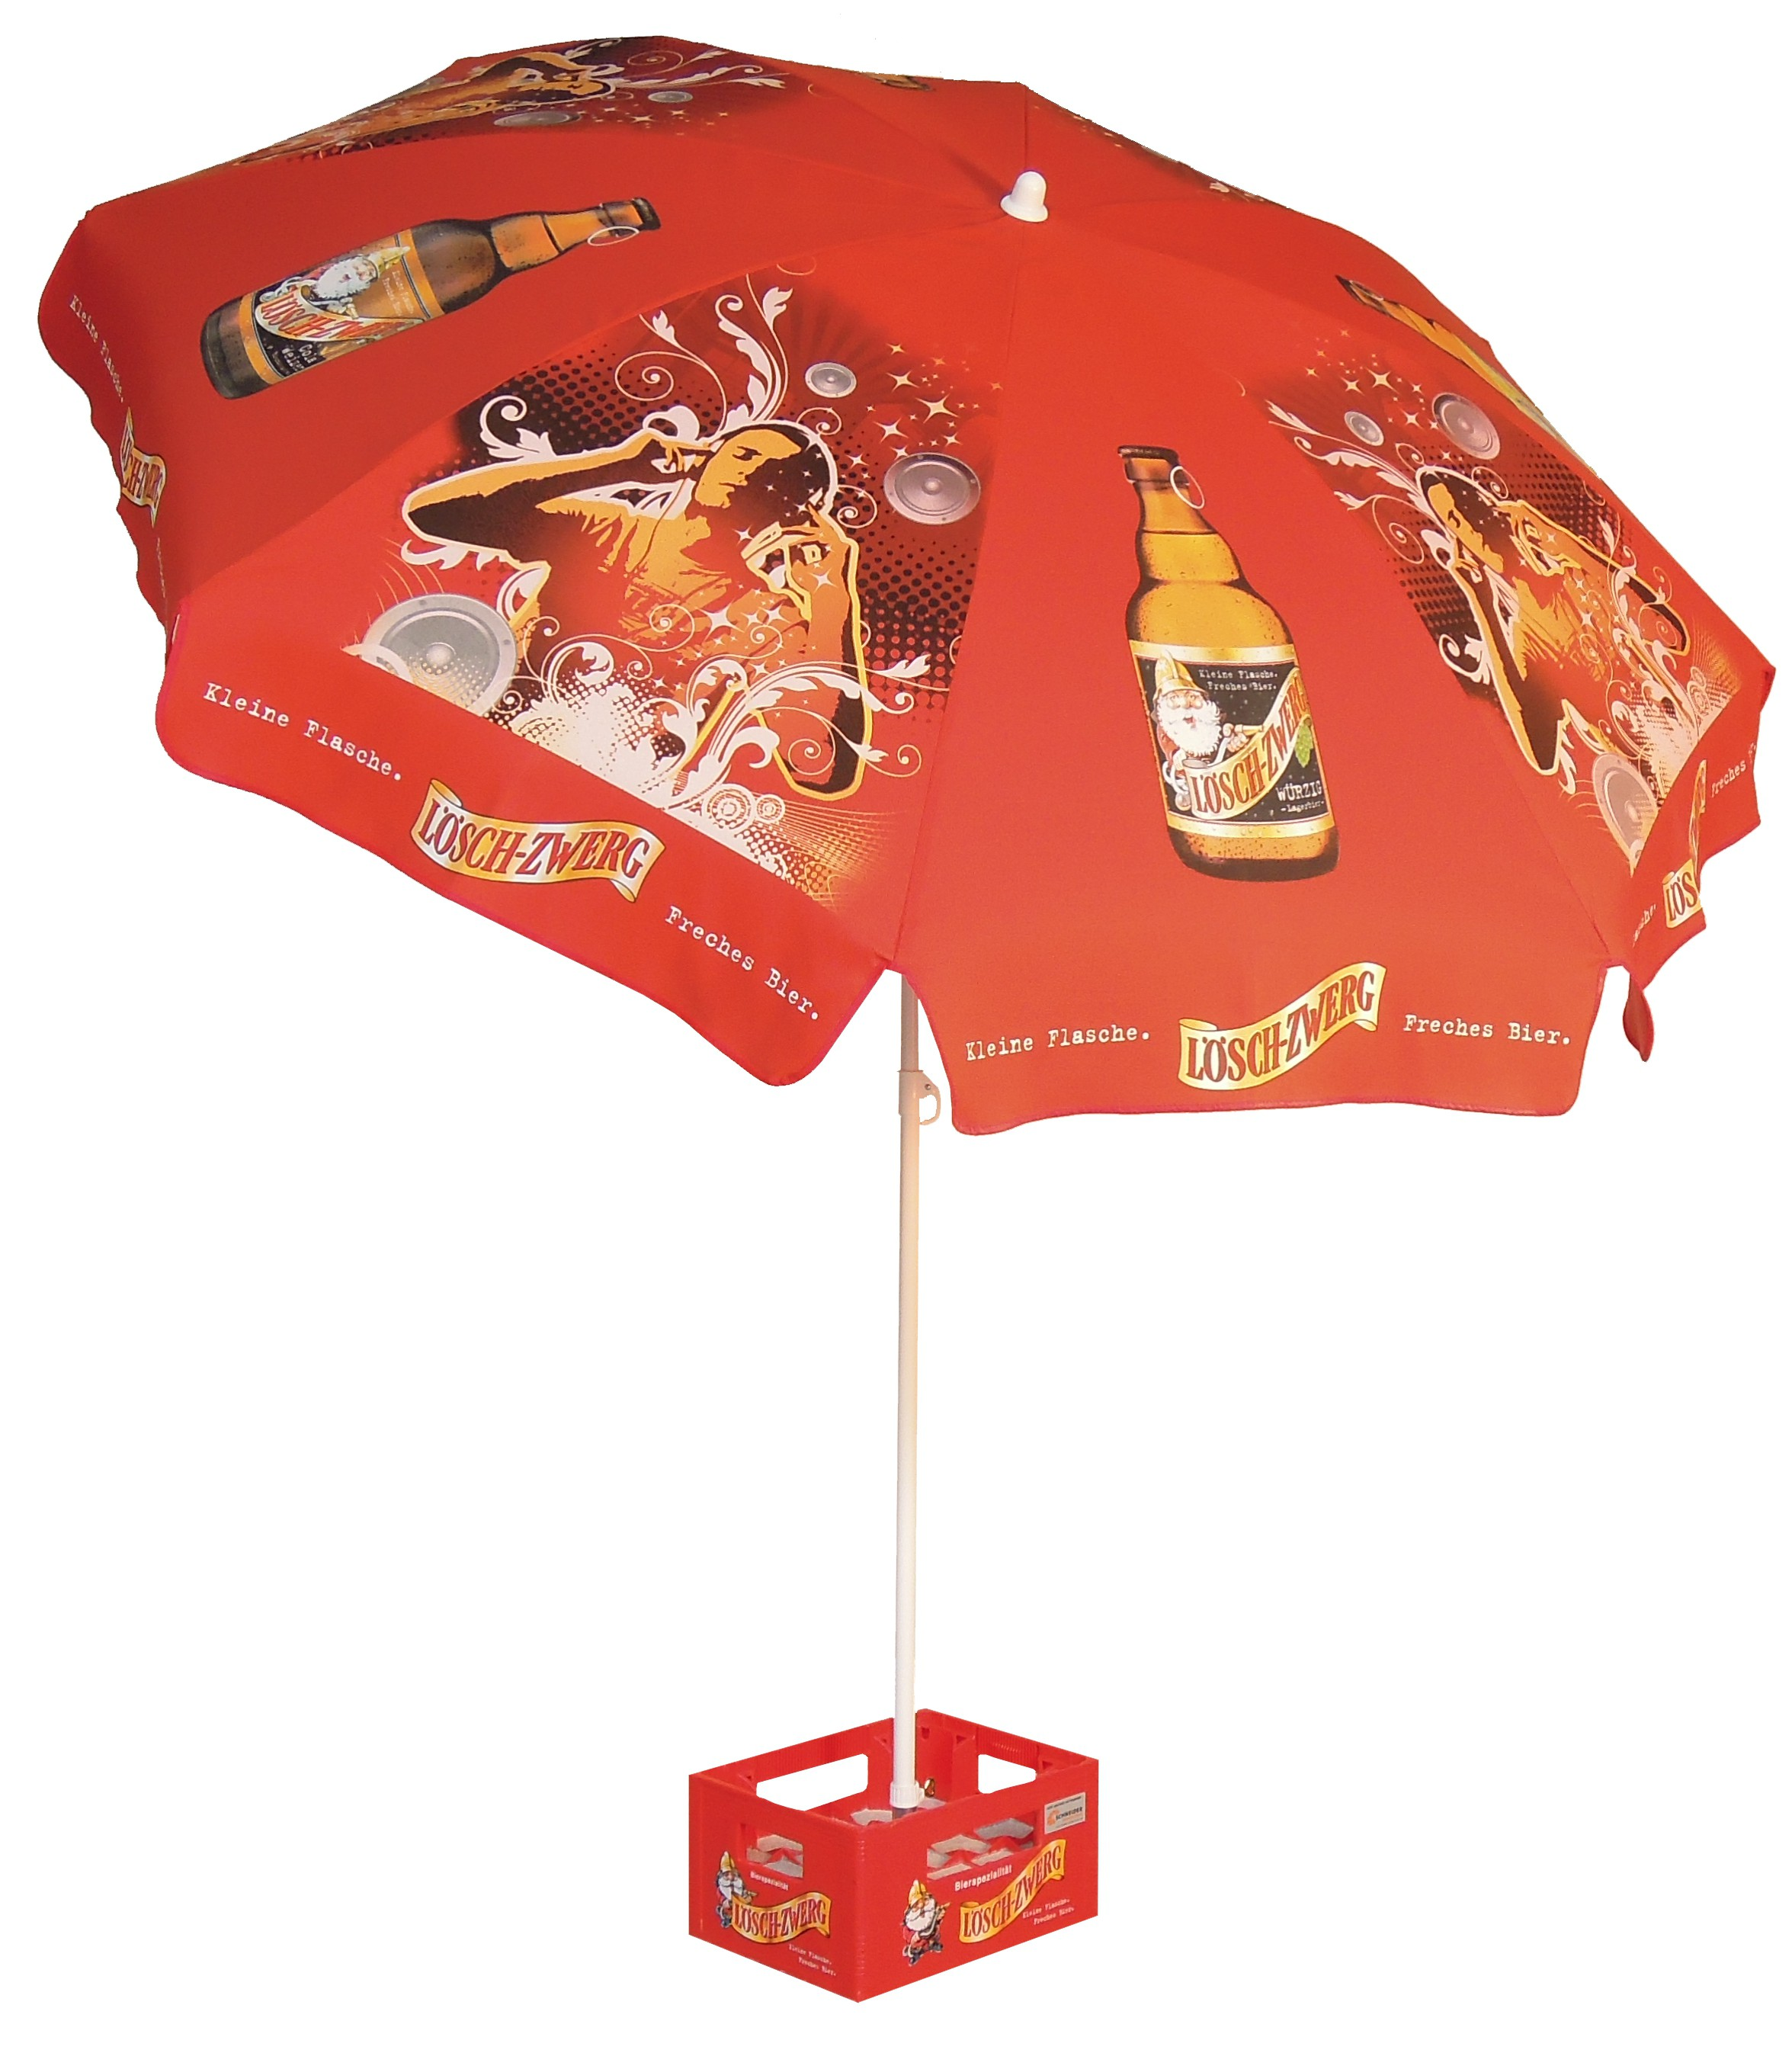 Schirm Loeschzwerg im Bierkastenstaender.jpg